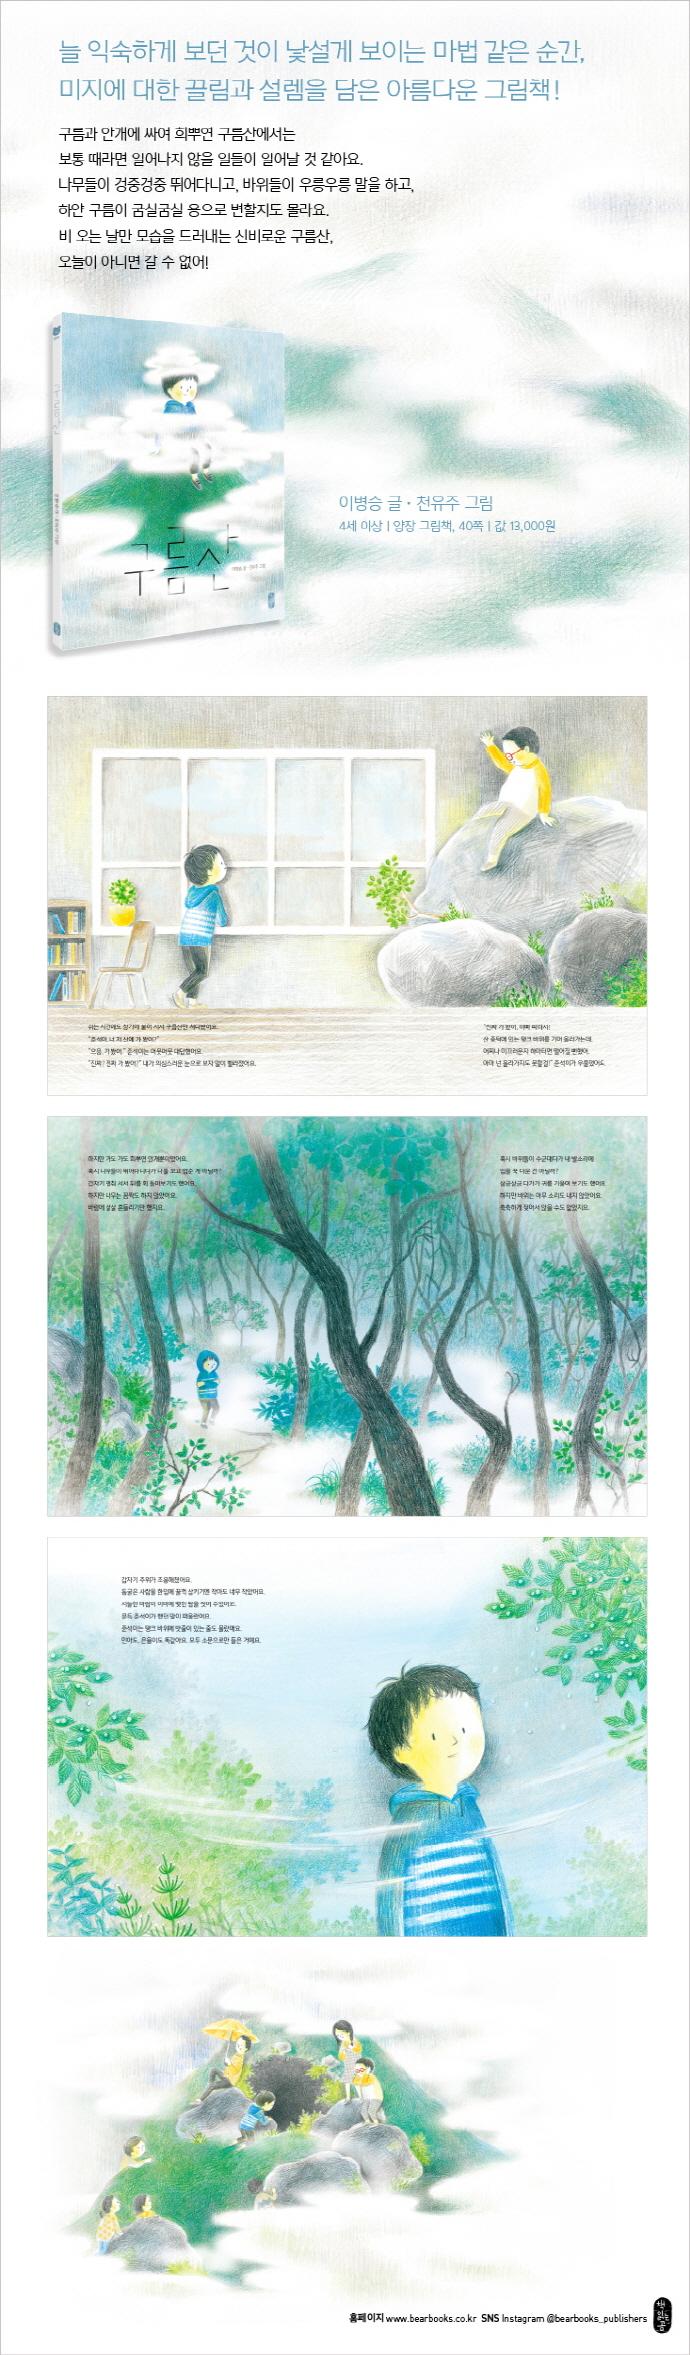 구름산(그림책이참좋아 58)(양장본 HardCover) 도서 상세이미지